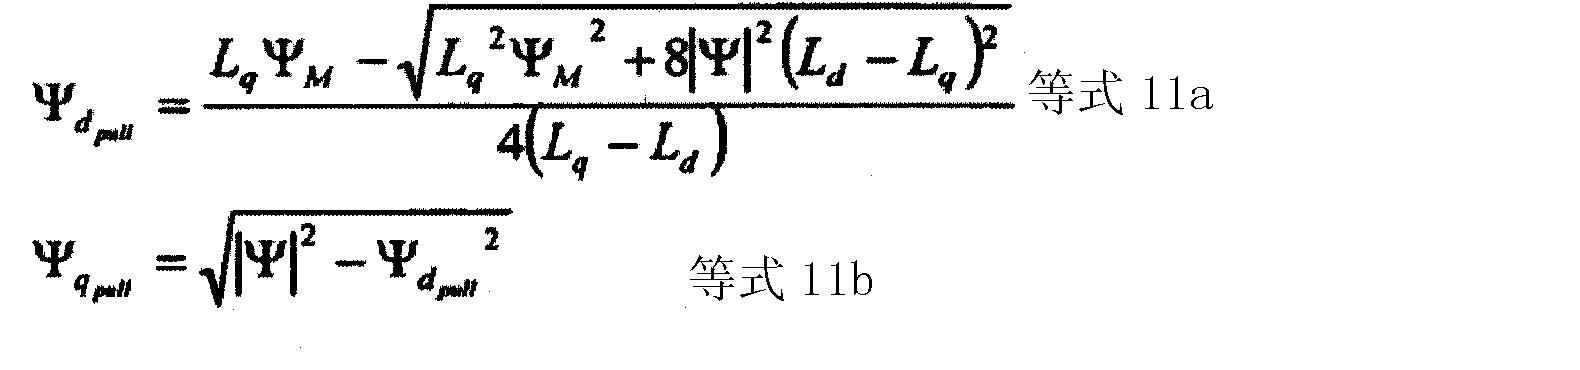 Figure CN102144356BD00105